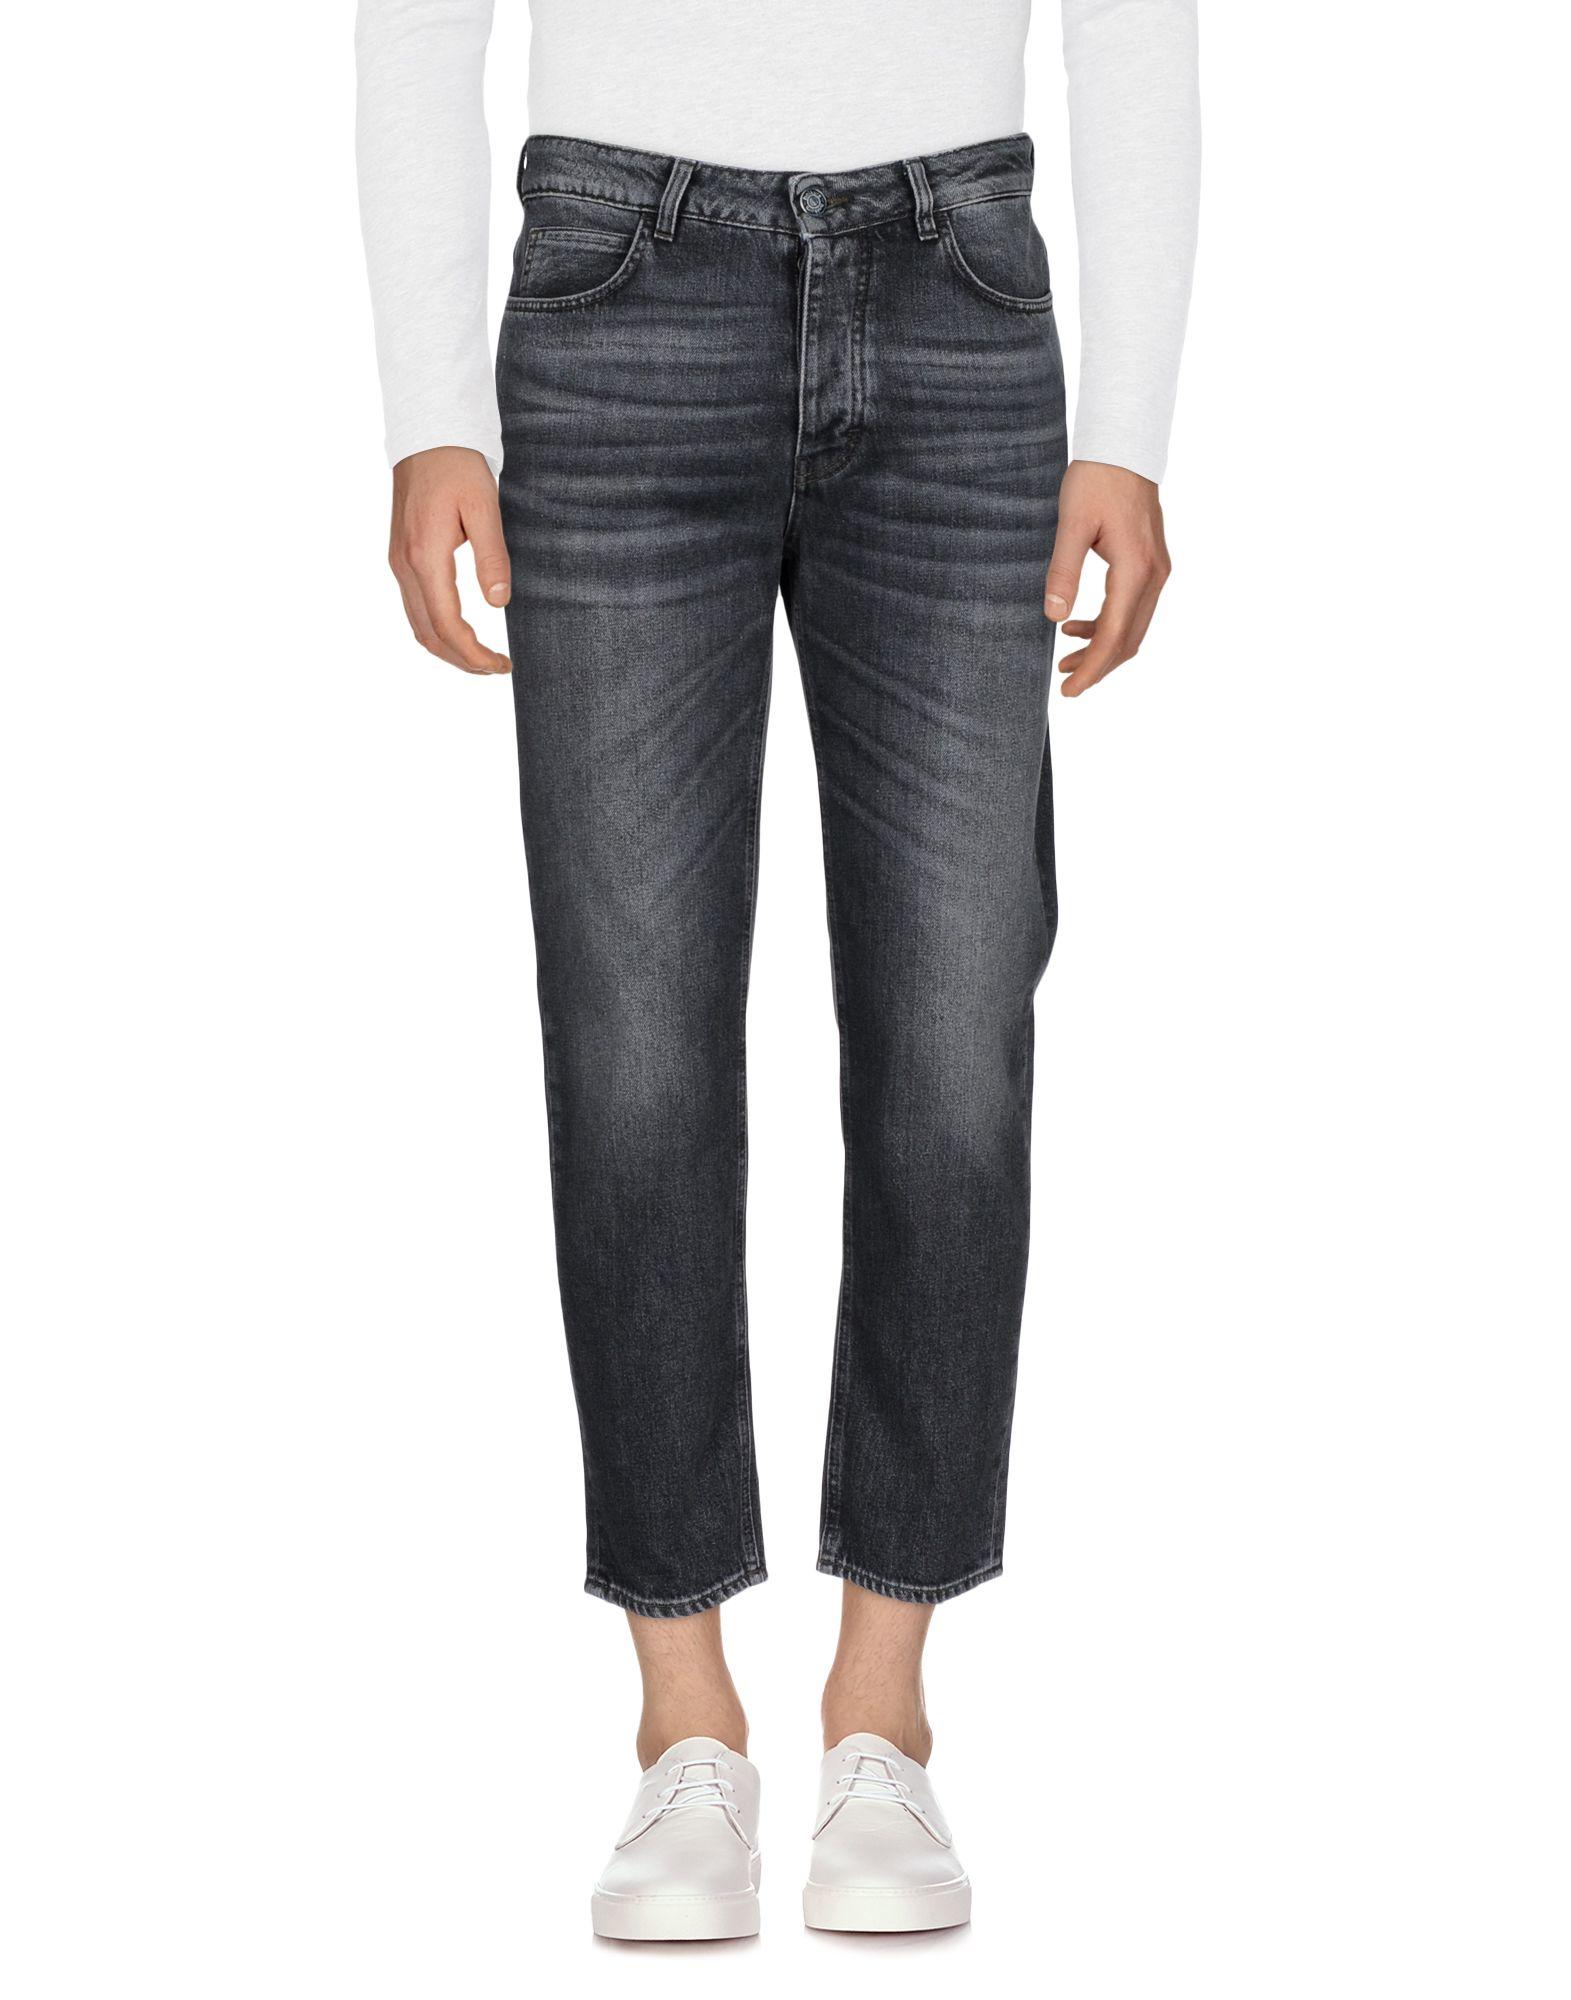 Pantaloni Jeans Haikure Uomo Uomo Haikure - 42675848OO 60e26c